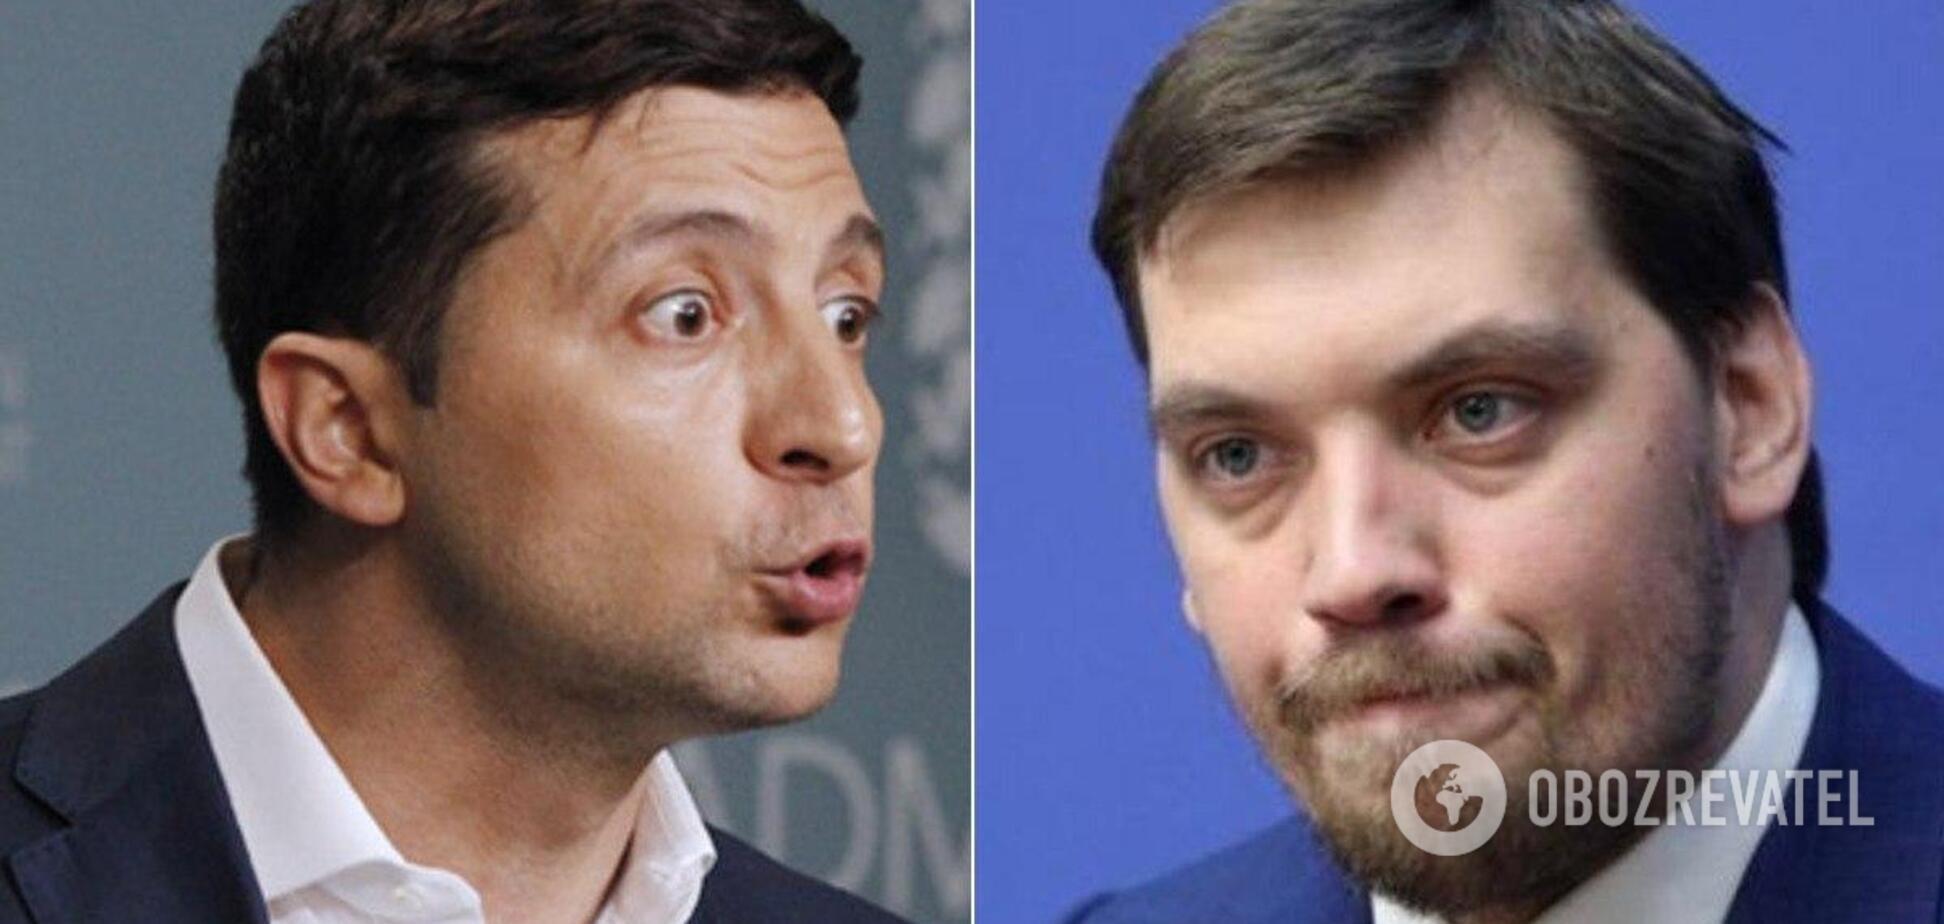 Гончарук відмовився йти у відставку, але розповів про звільнення всього Кабміну